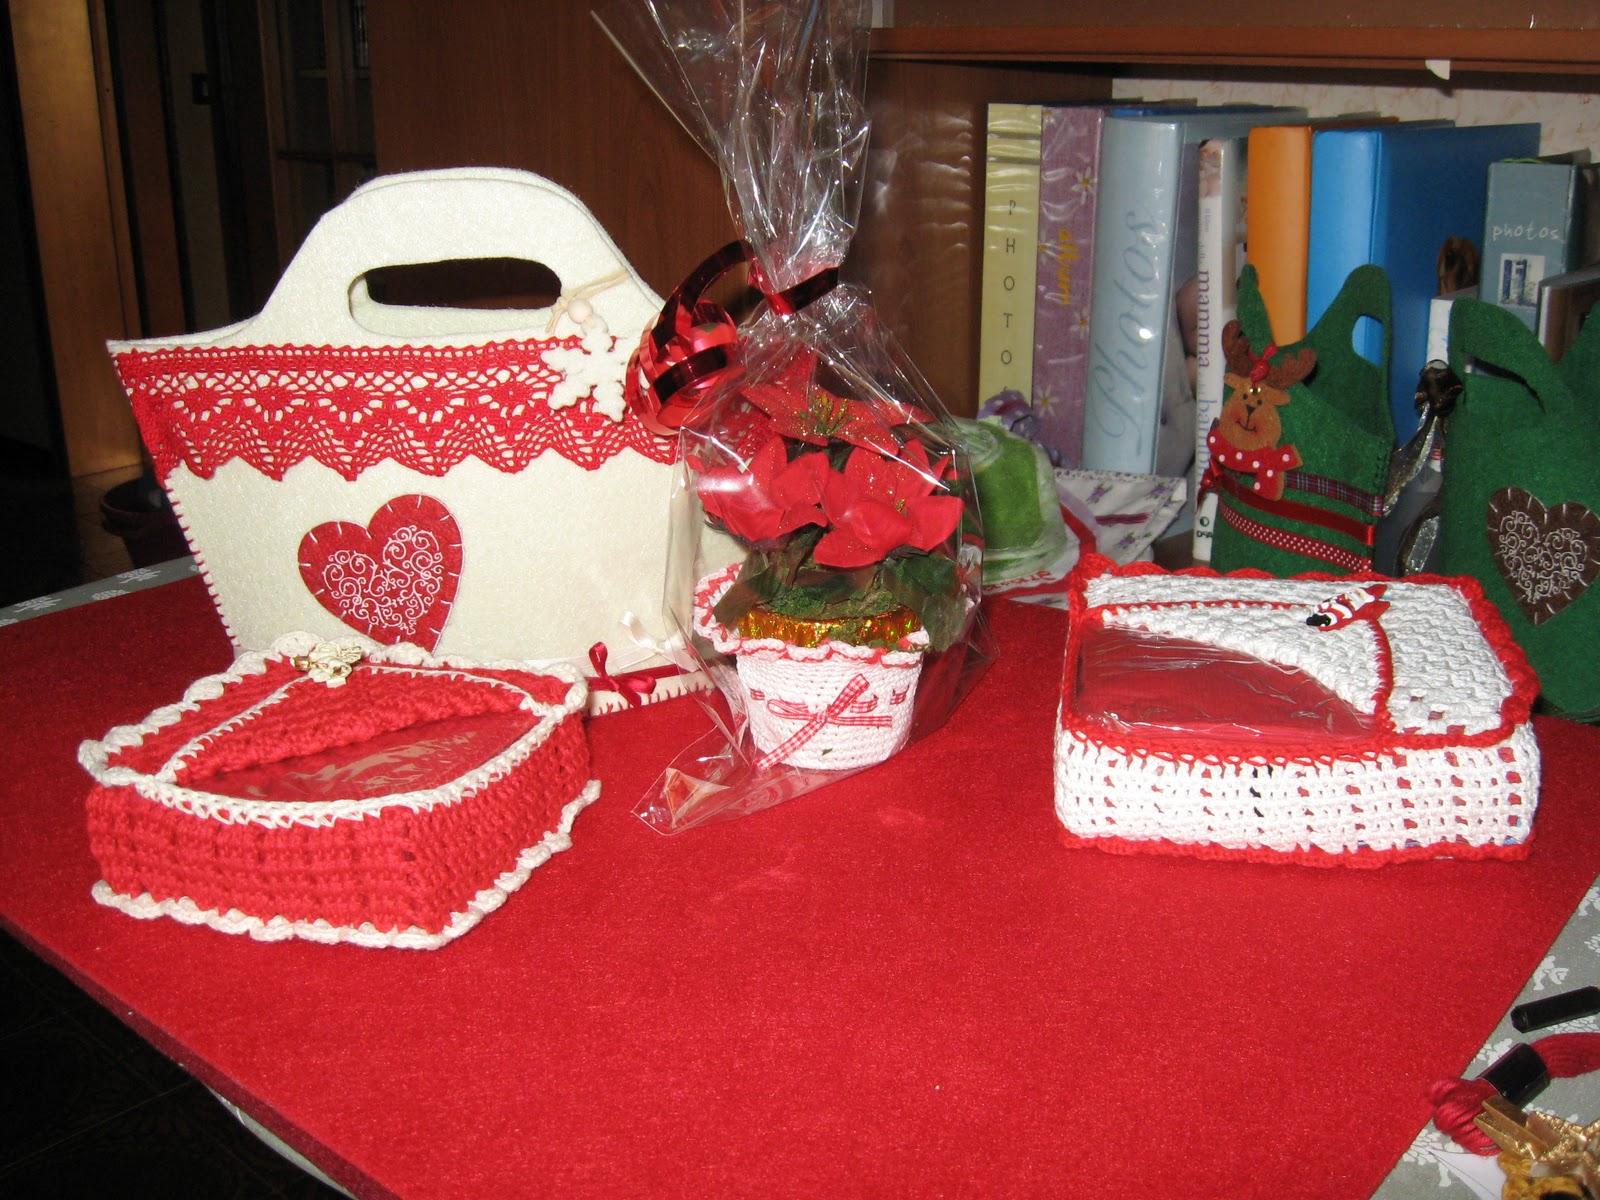 Idee Regalo Natale Cognata.1 Mamma X 2 Idee Regalo Per Natale